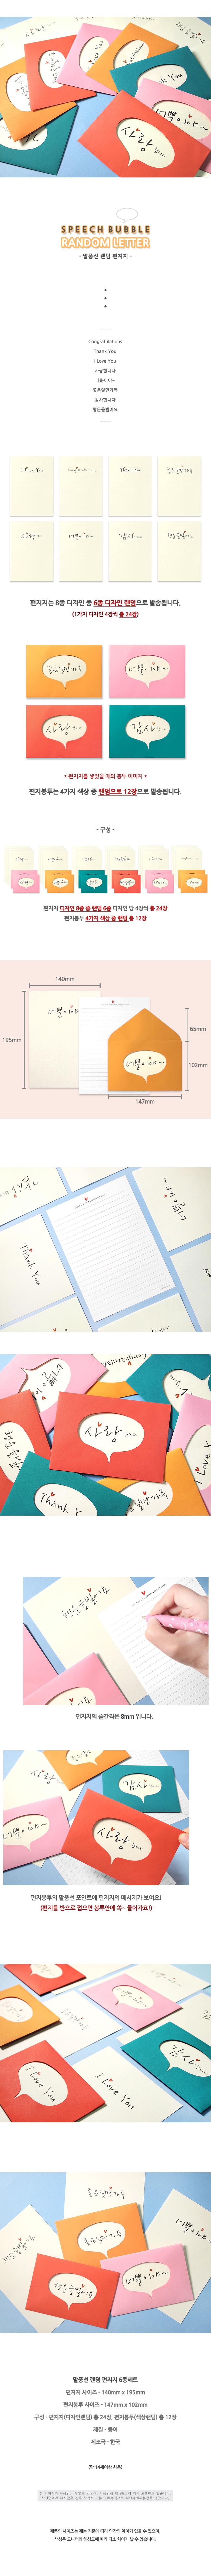 말풍선 랜덤 편지지 6종세트 - 투영, 9,000원, 편지지, 심플 편지지